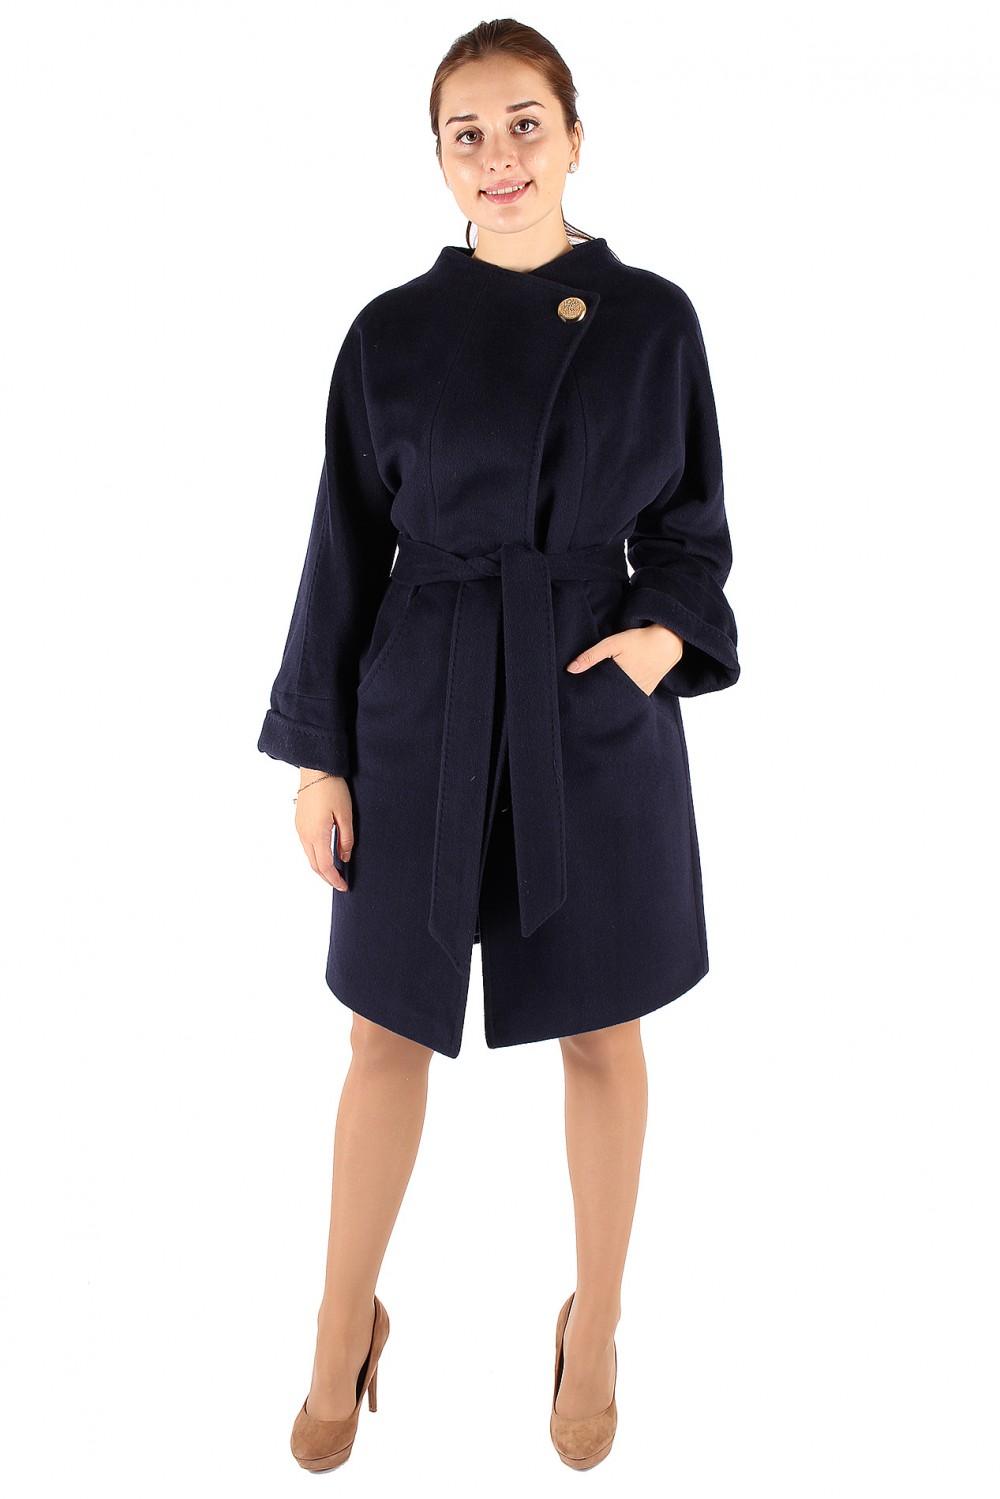 Купить Пальто женское темно-синего цвета 380TS